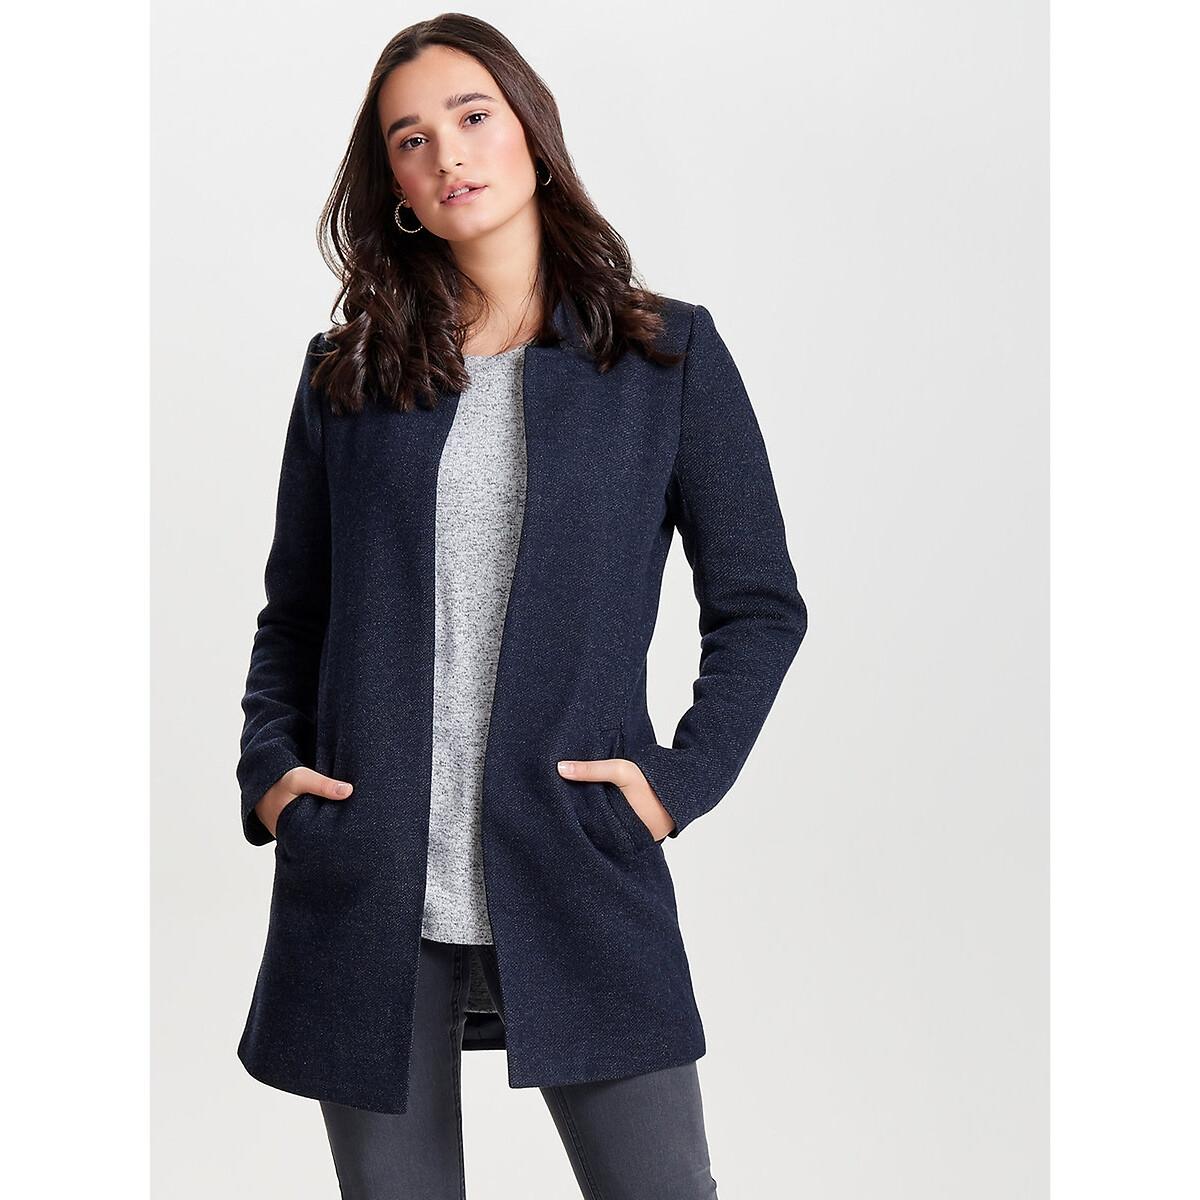 цена Жакет La Redoute Средней длины воротник-стойка XL синий онлайн в 2017 году